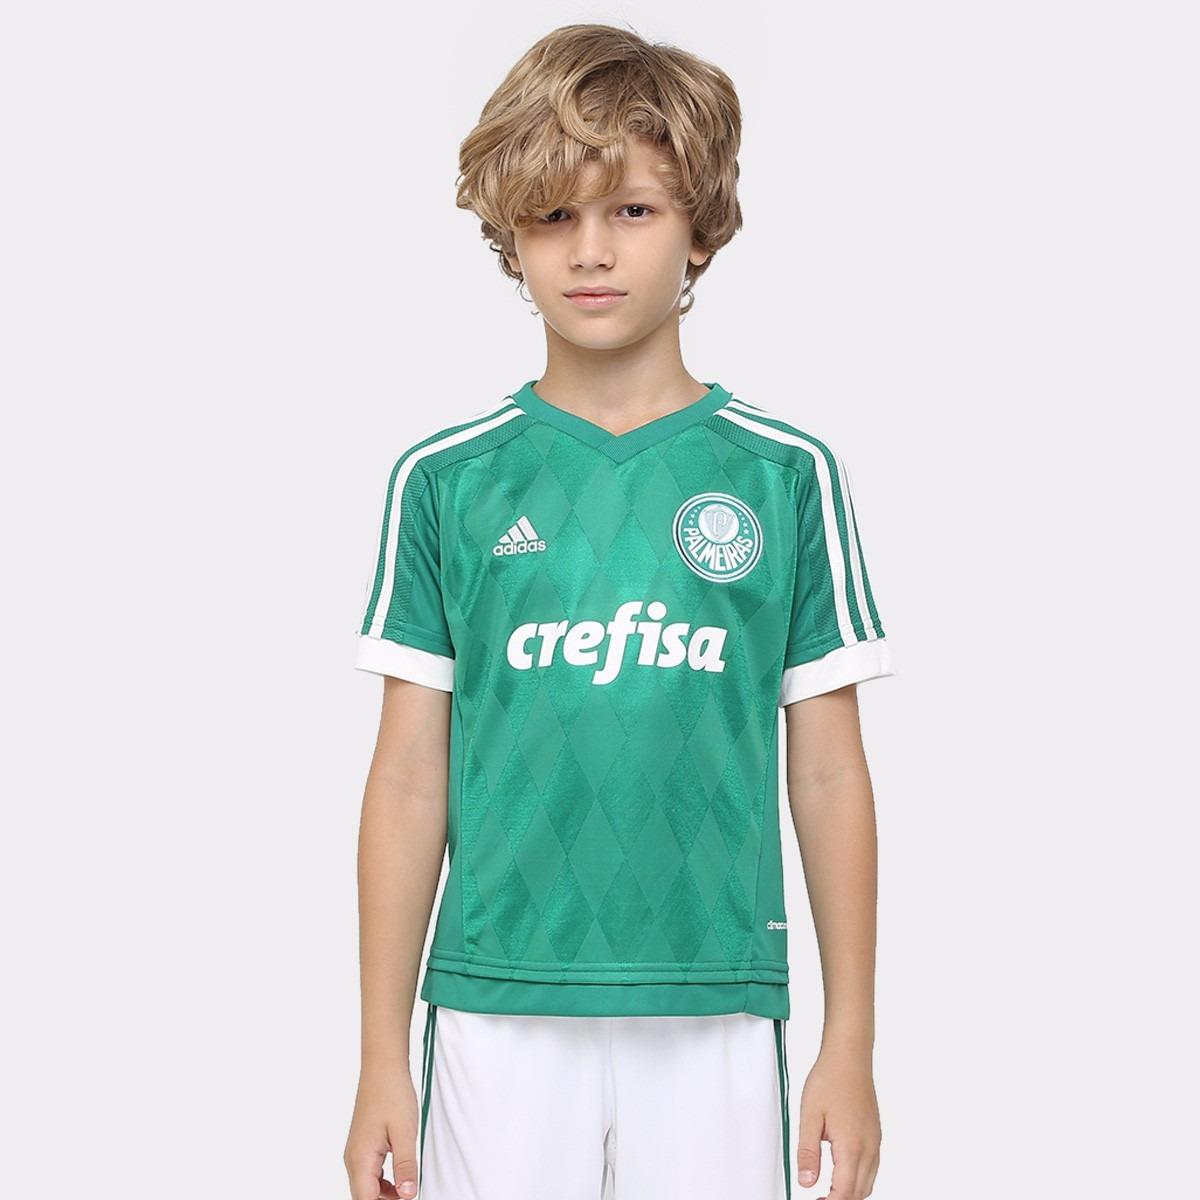 camisa palmeiras crefisa infantil oficial adidas promoção. Carregando zoom. 7cd0649521194